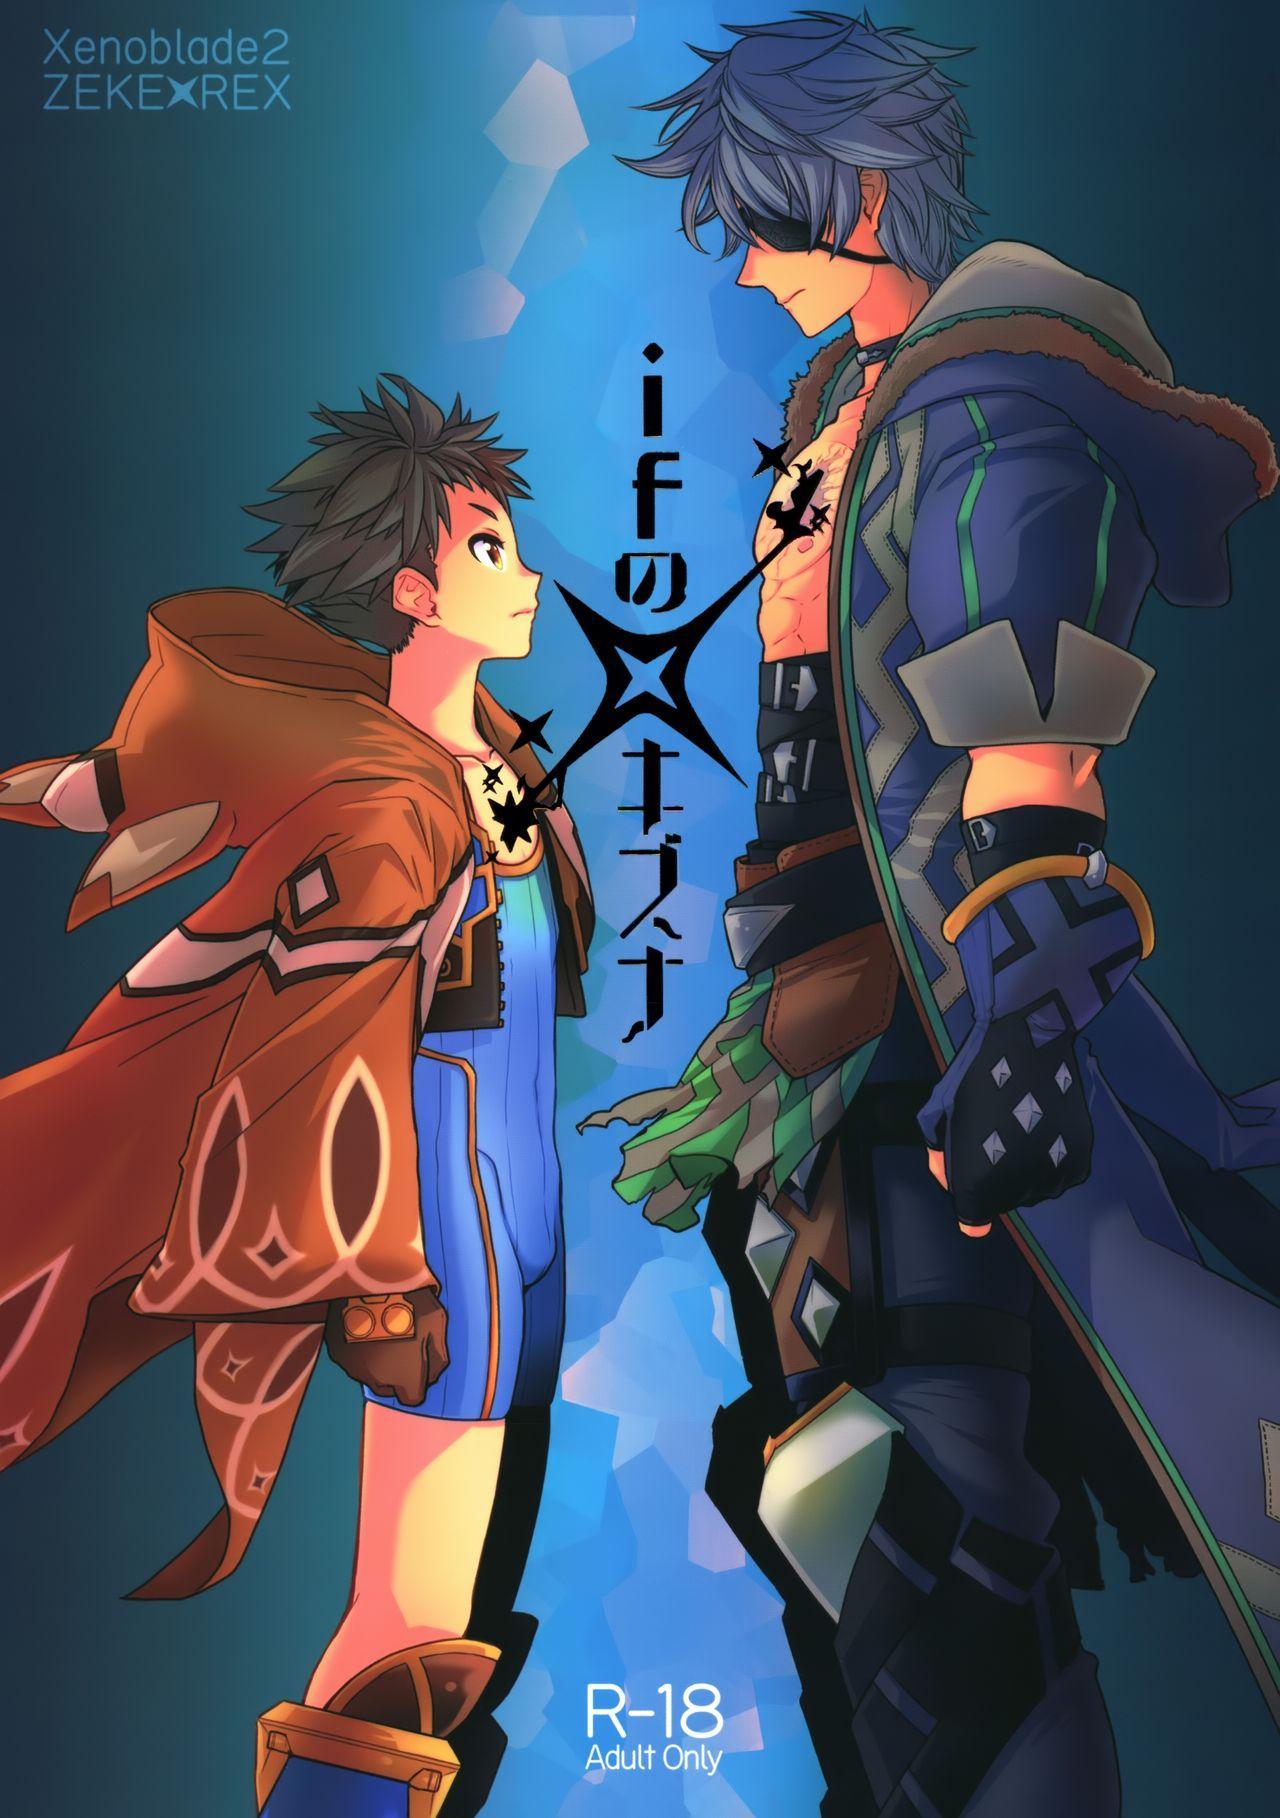 if no Kizuna 0